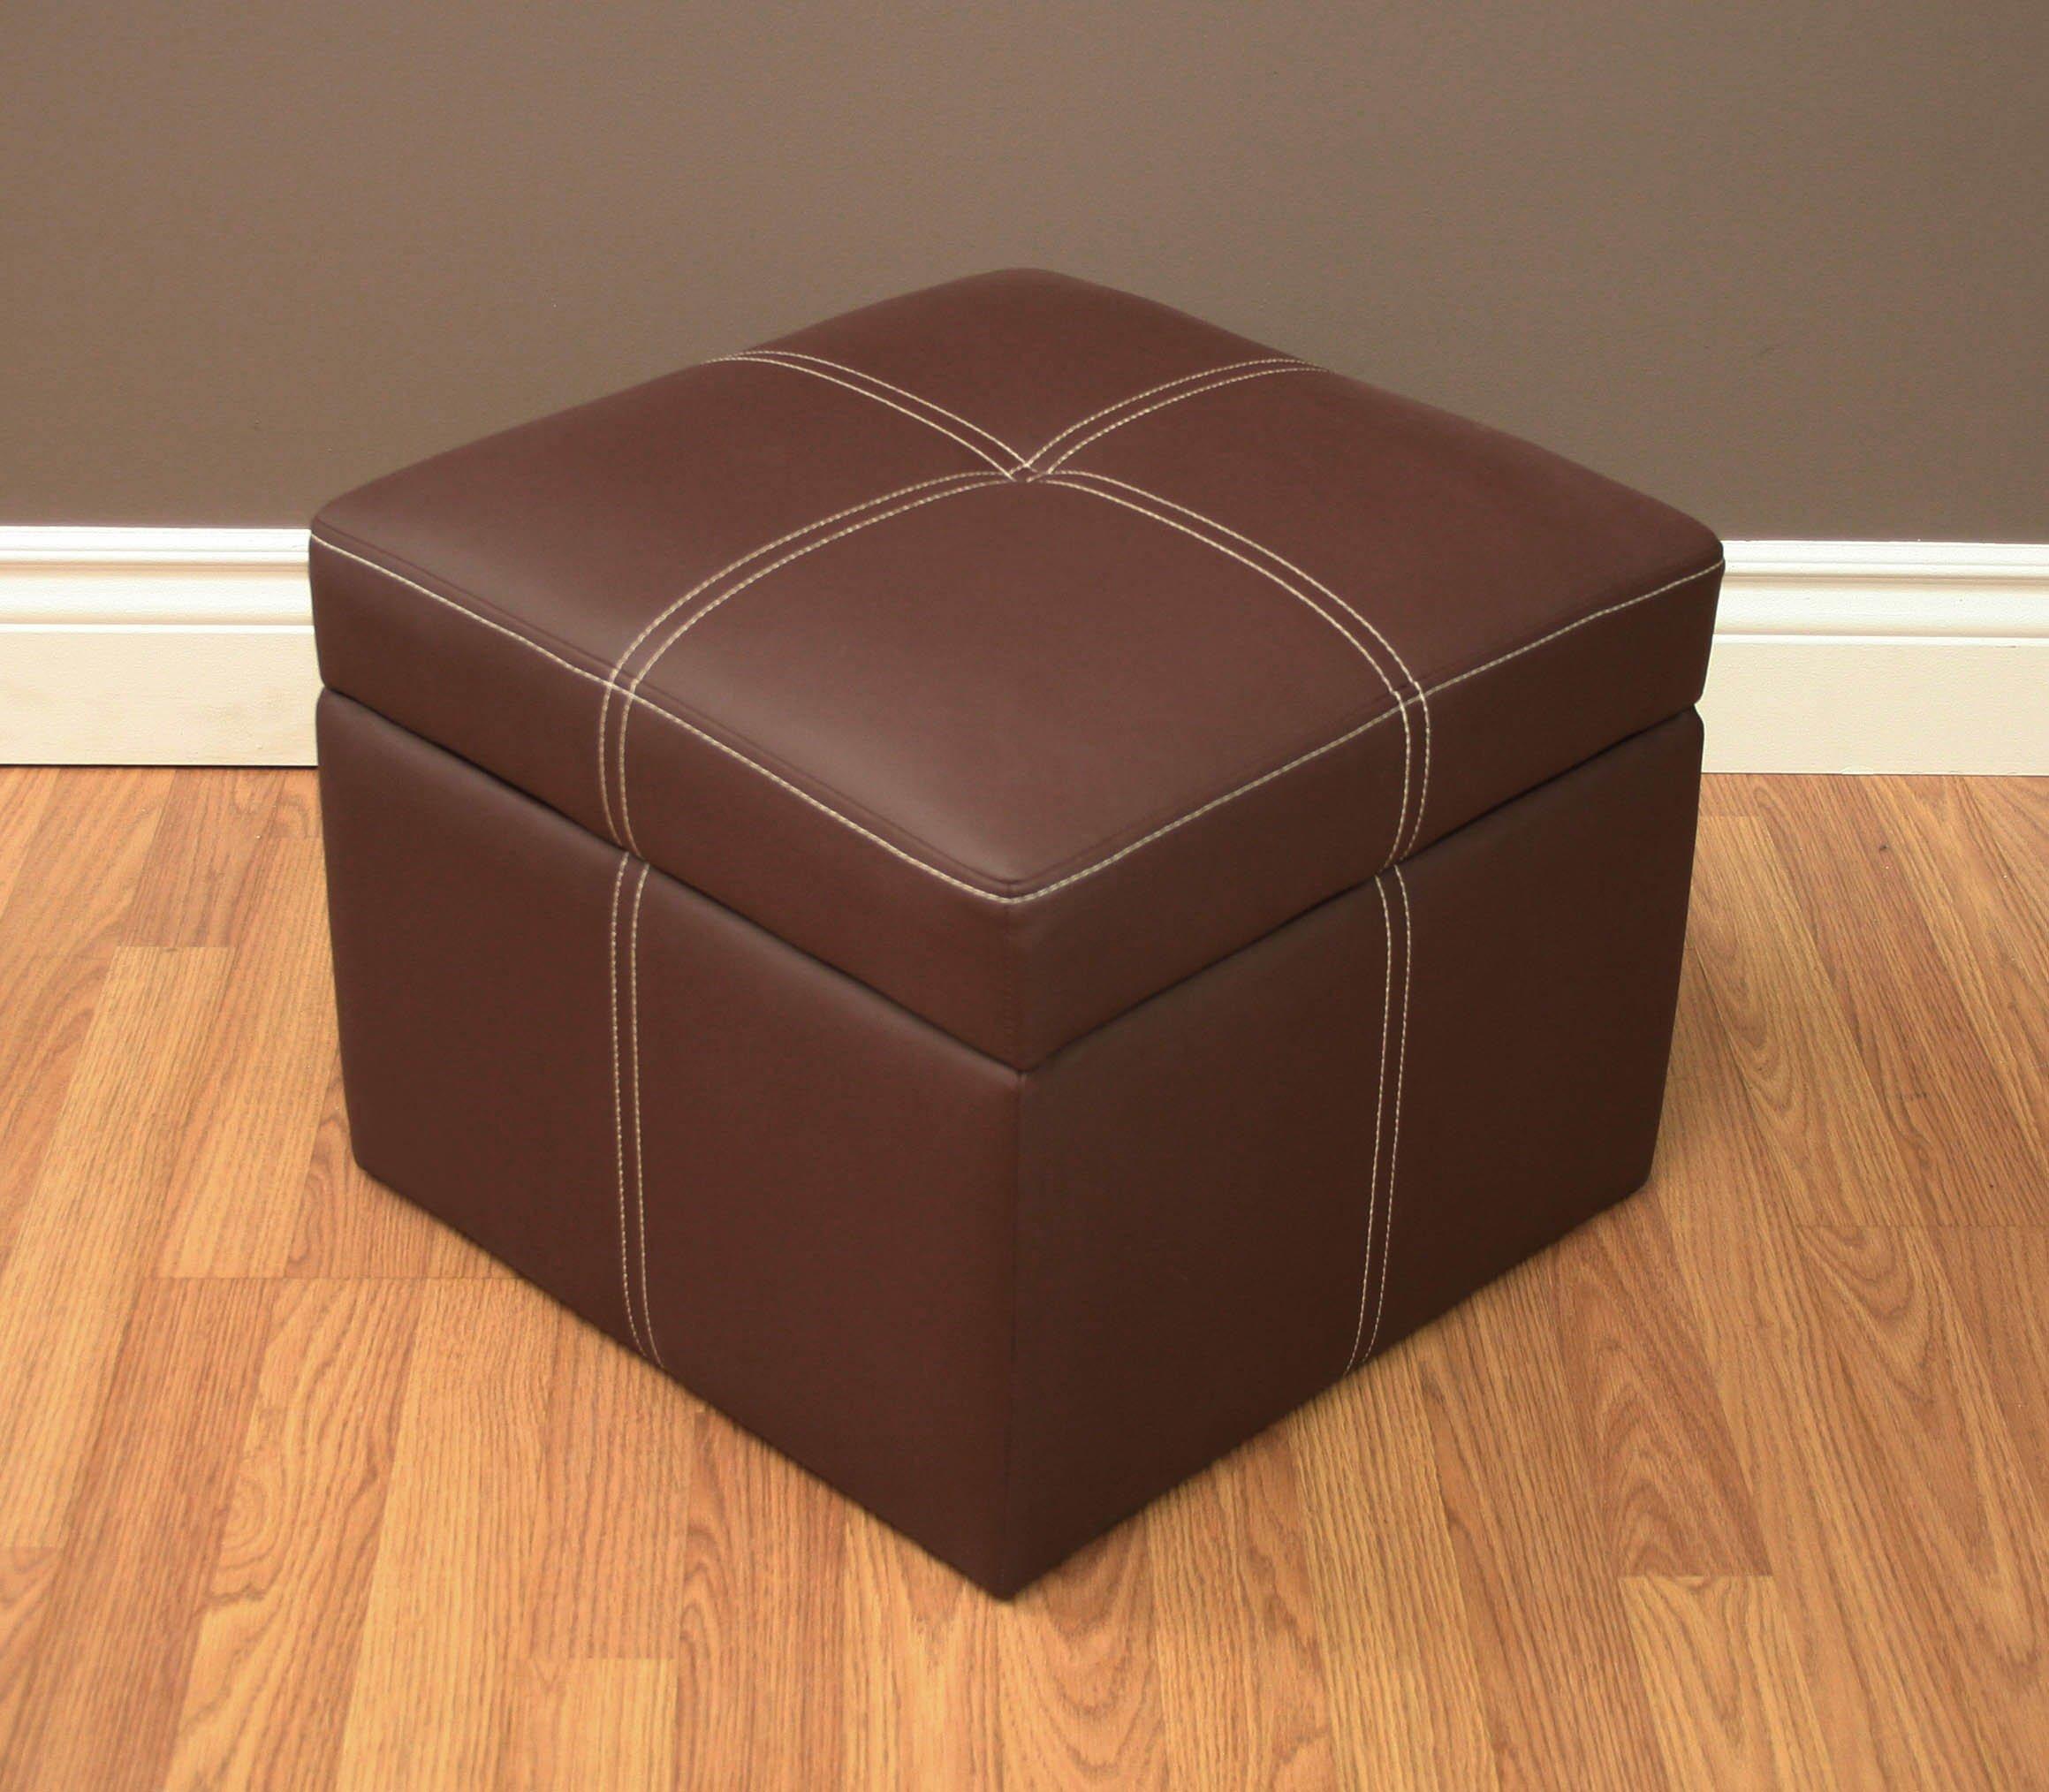 Dhp Delaney Small Square Ottoman Furniturendecor Com